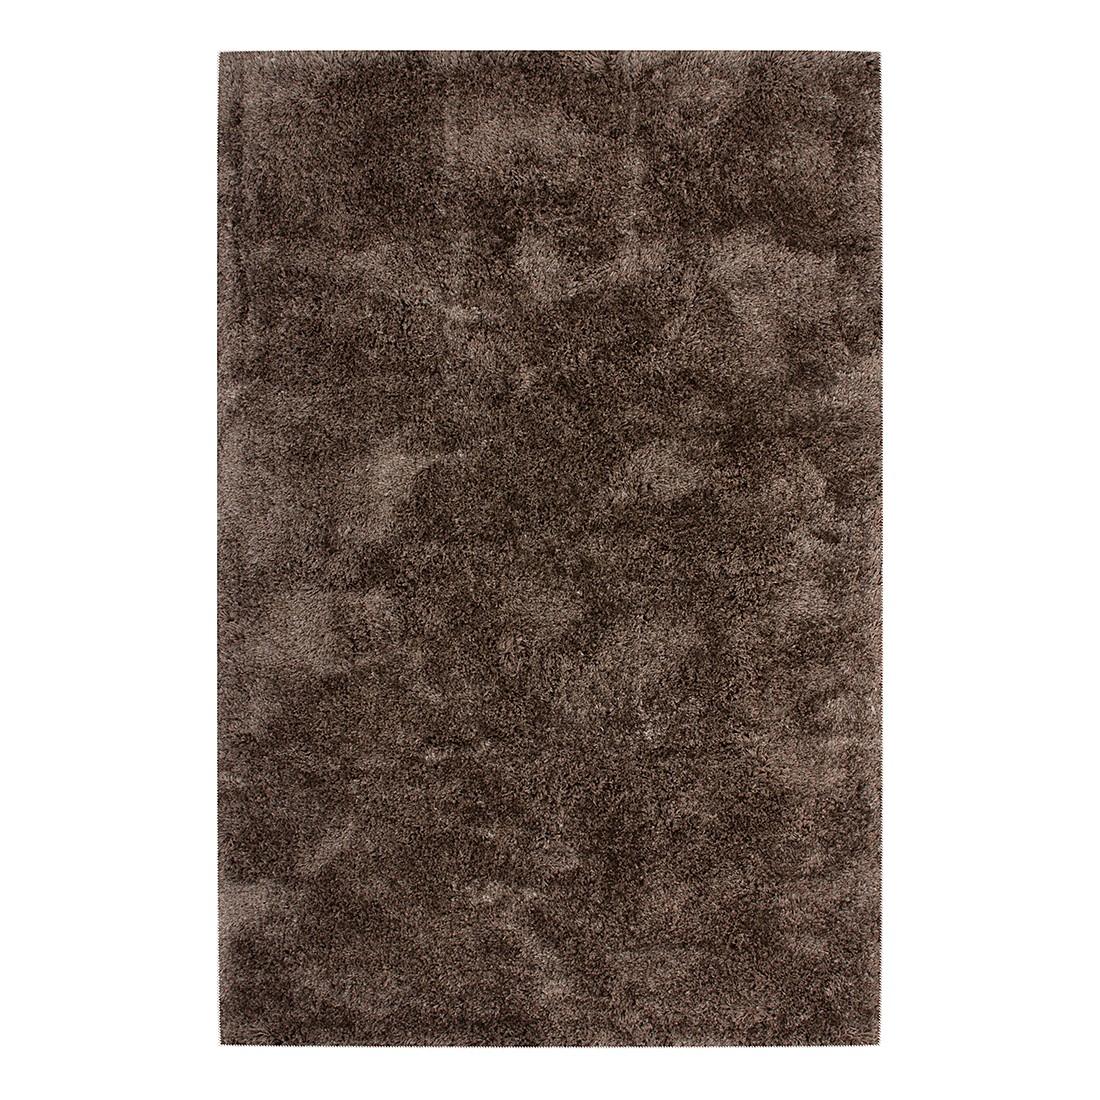 Teppich Monaco – Braun – 120 x 170 cm, Kayoom online kaufen